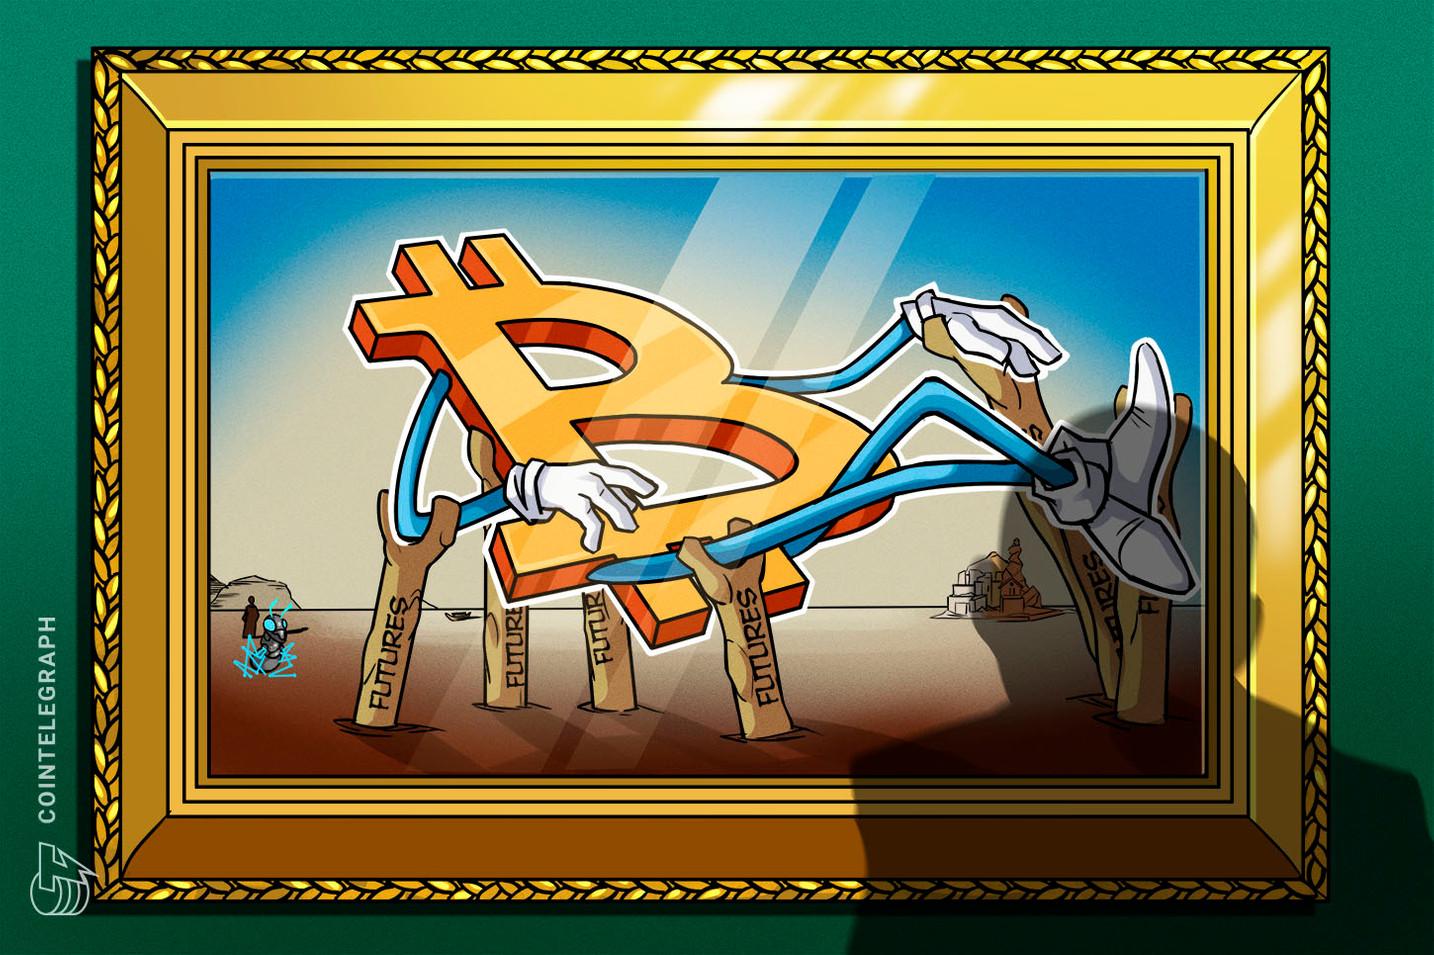 Las opciones de futuros de Bitcoin de CME pasaron la aprobación normativa y ya están disponibles